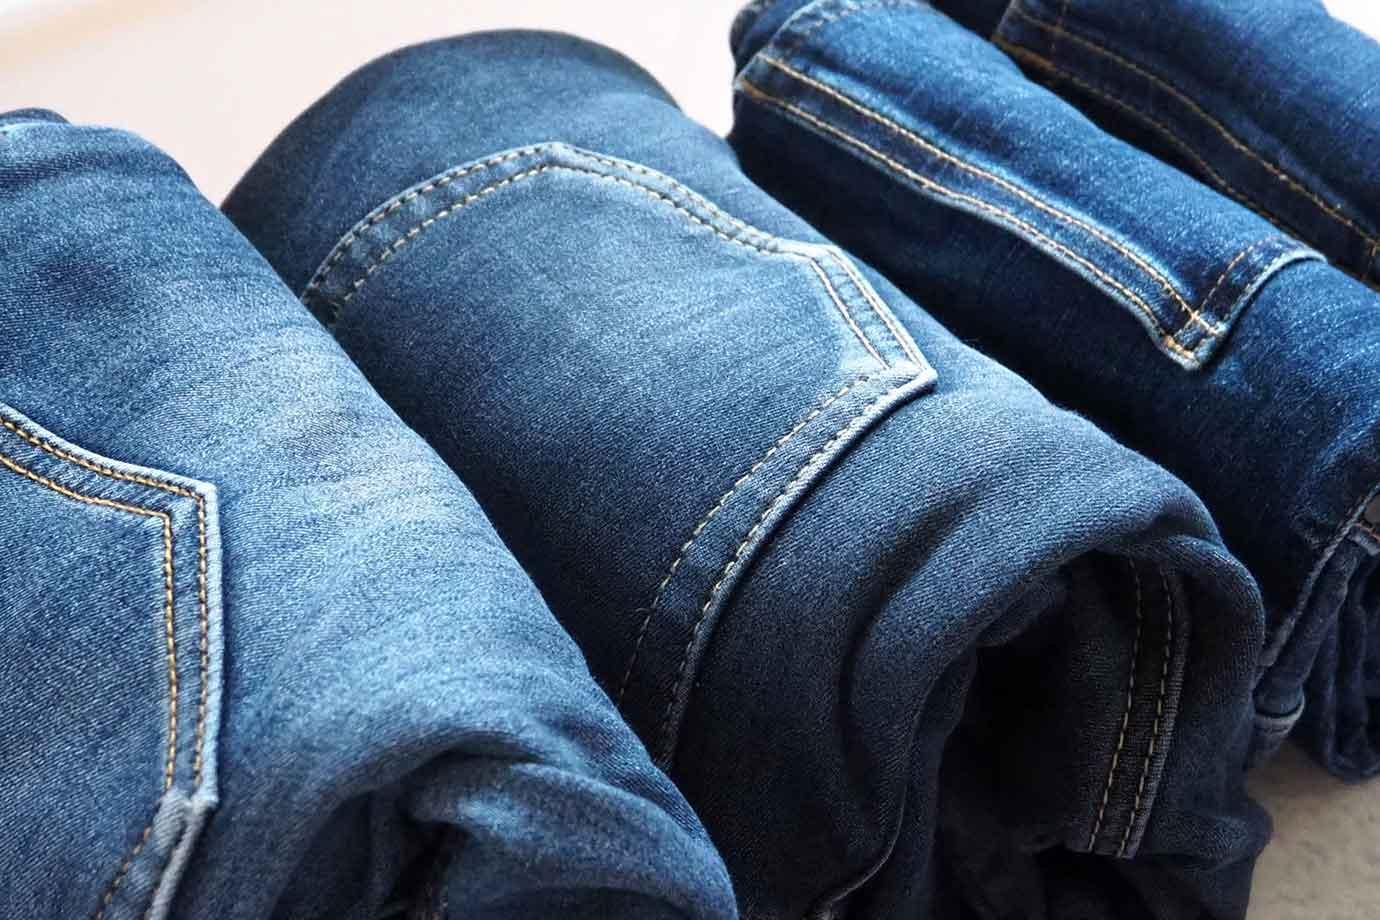 服を作るには、原材料や製造、輸送、破棄と各段階で環境に負荷がかかっています